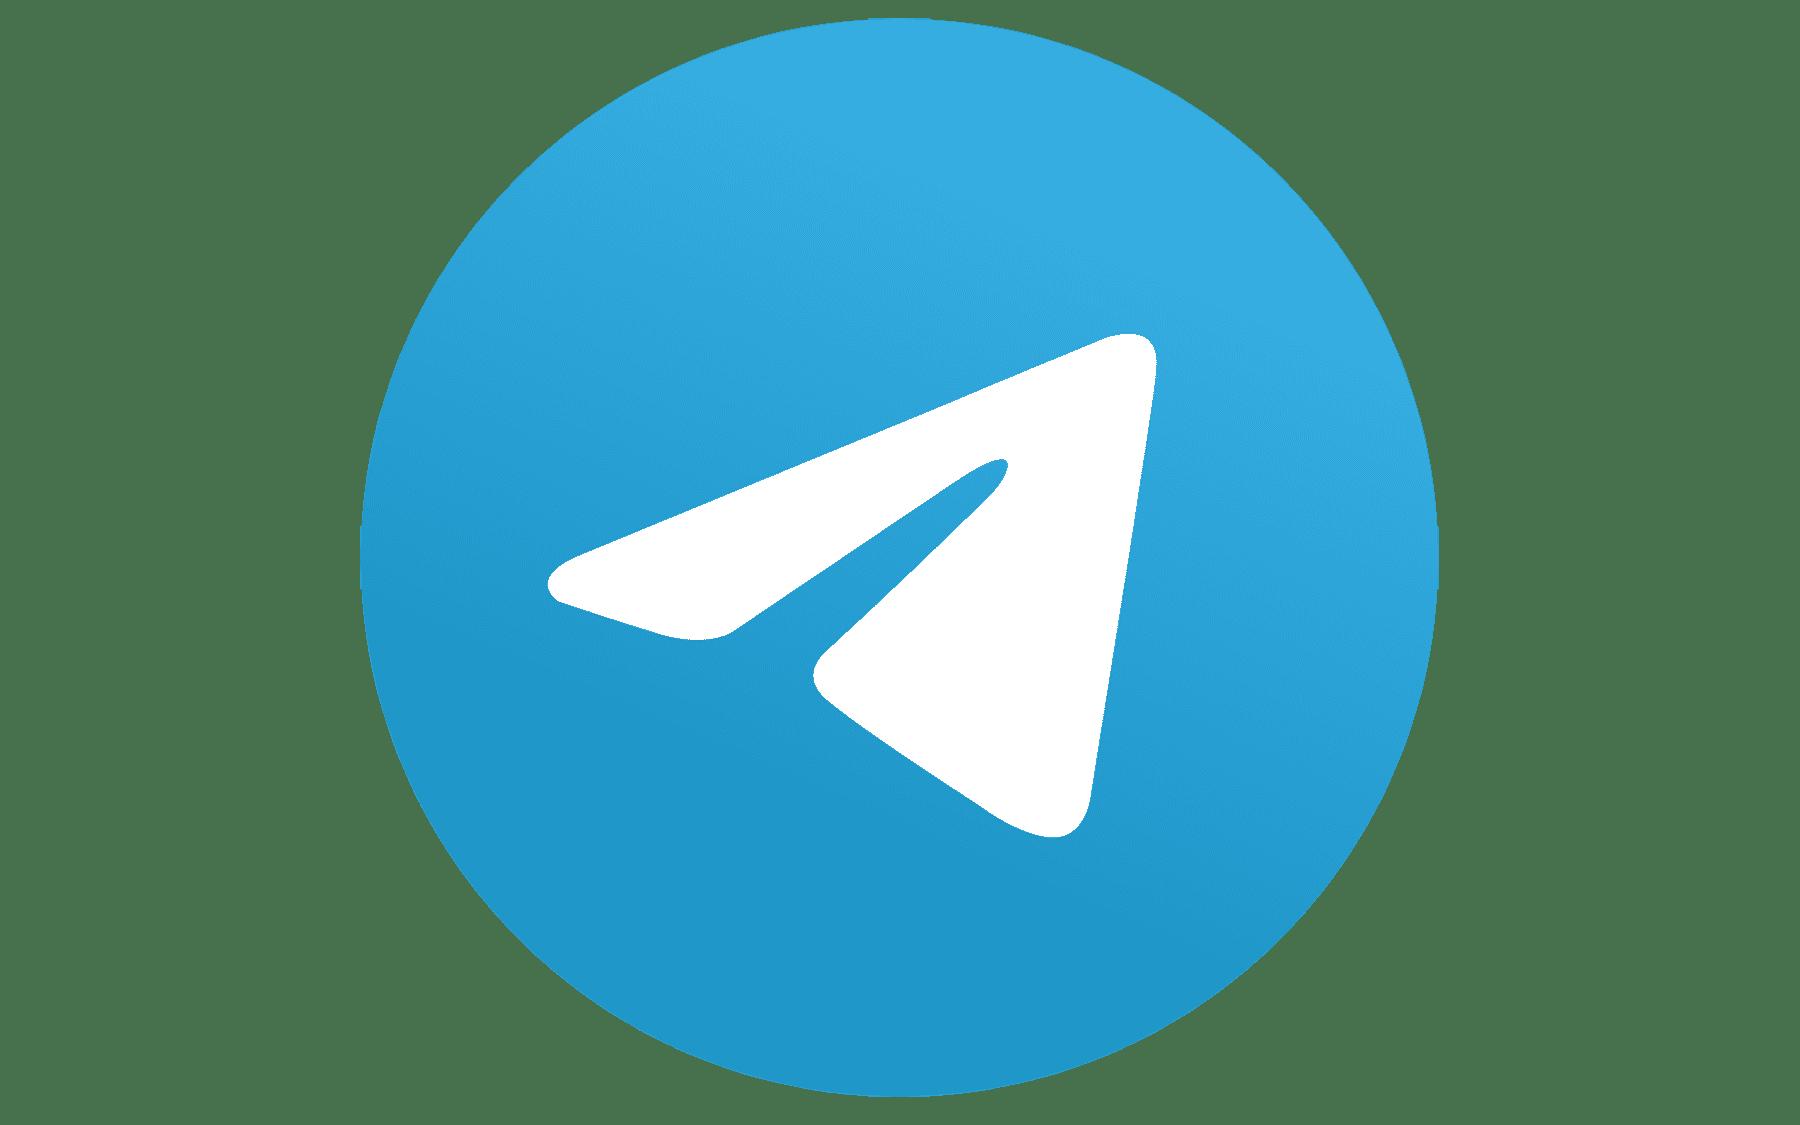 WhatsApp-alternativa Telegram